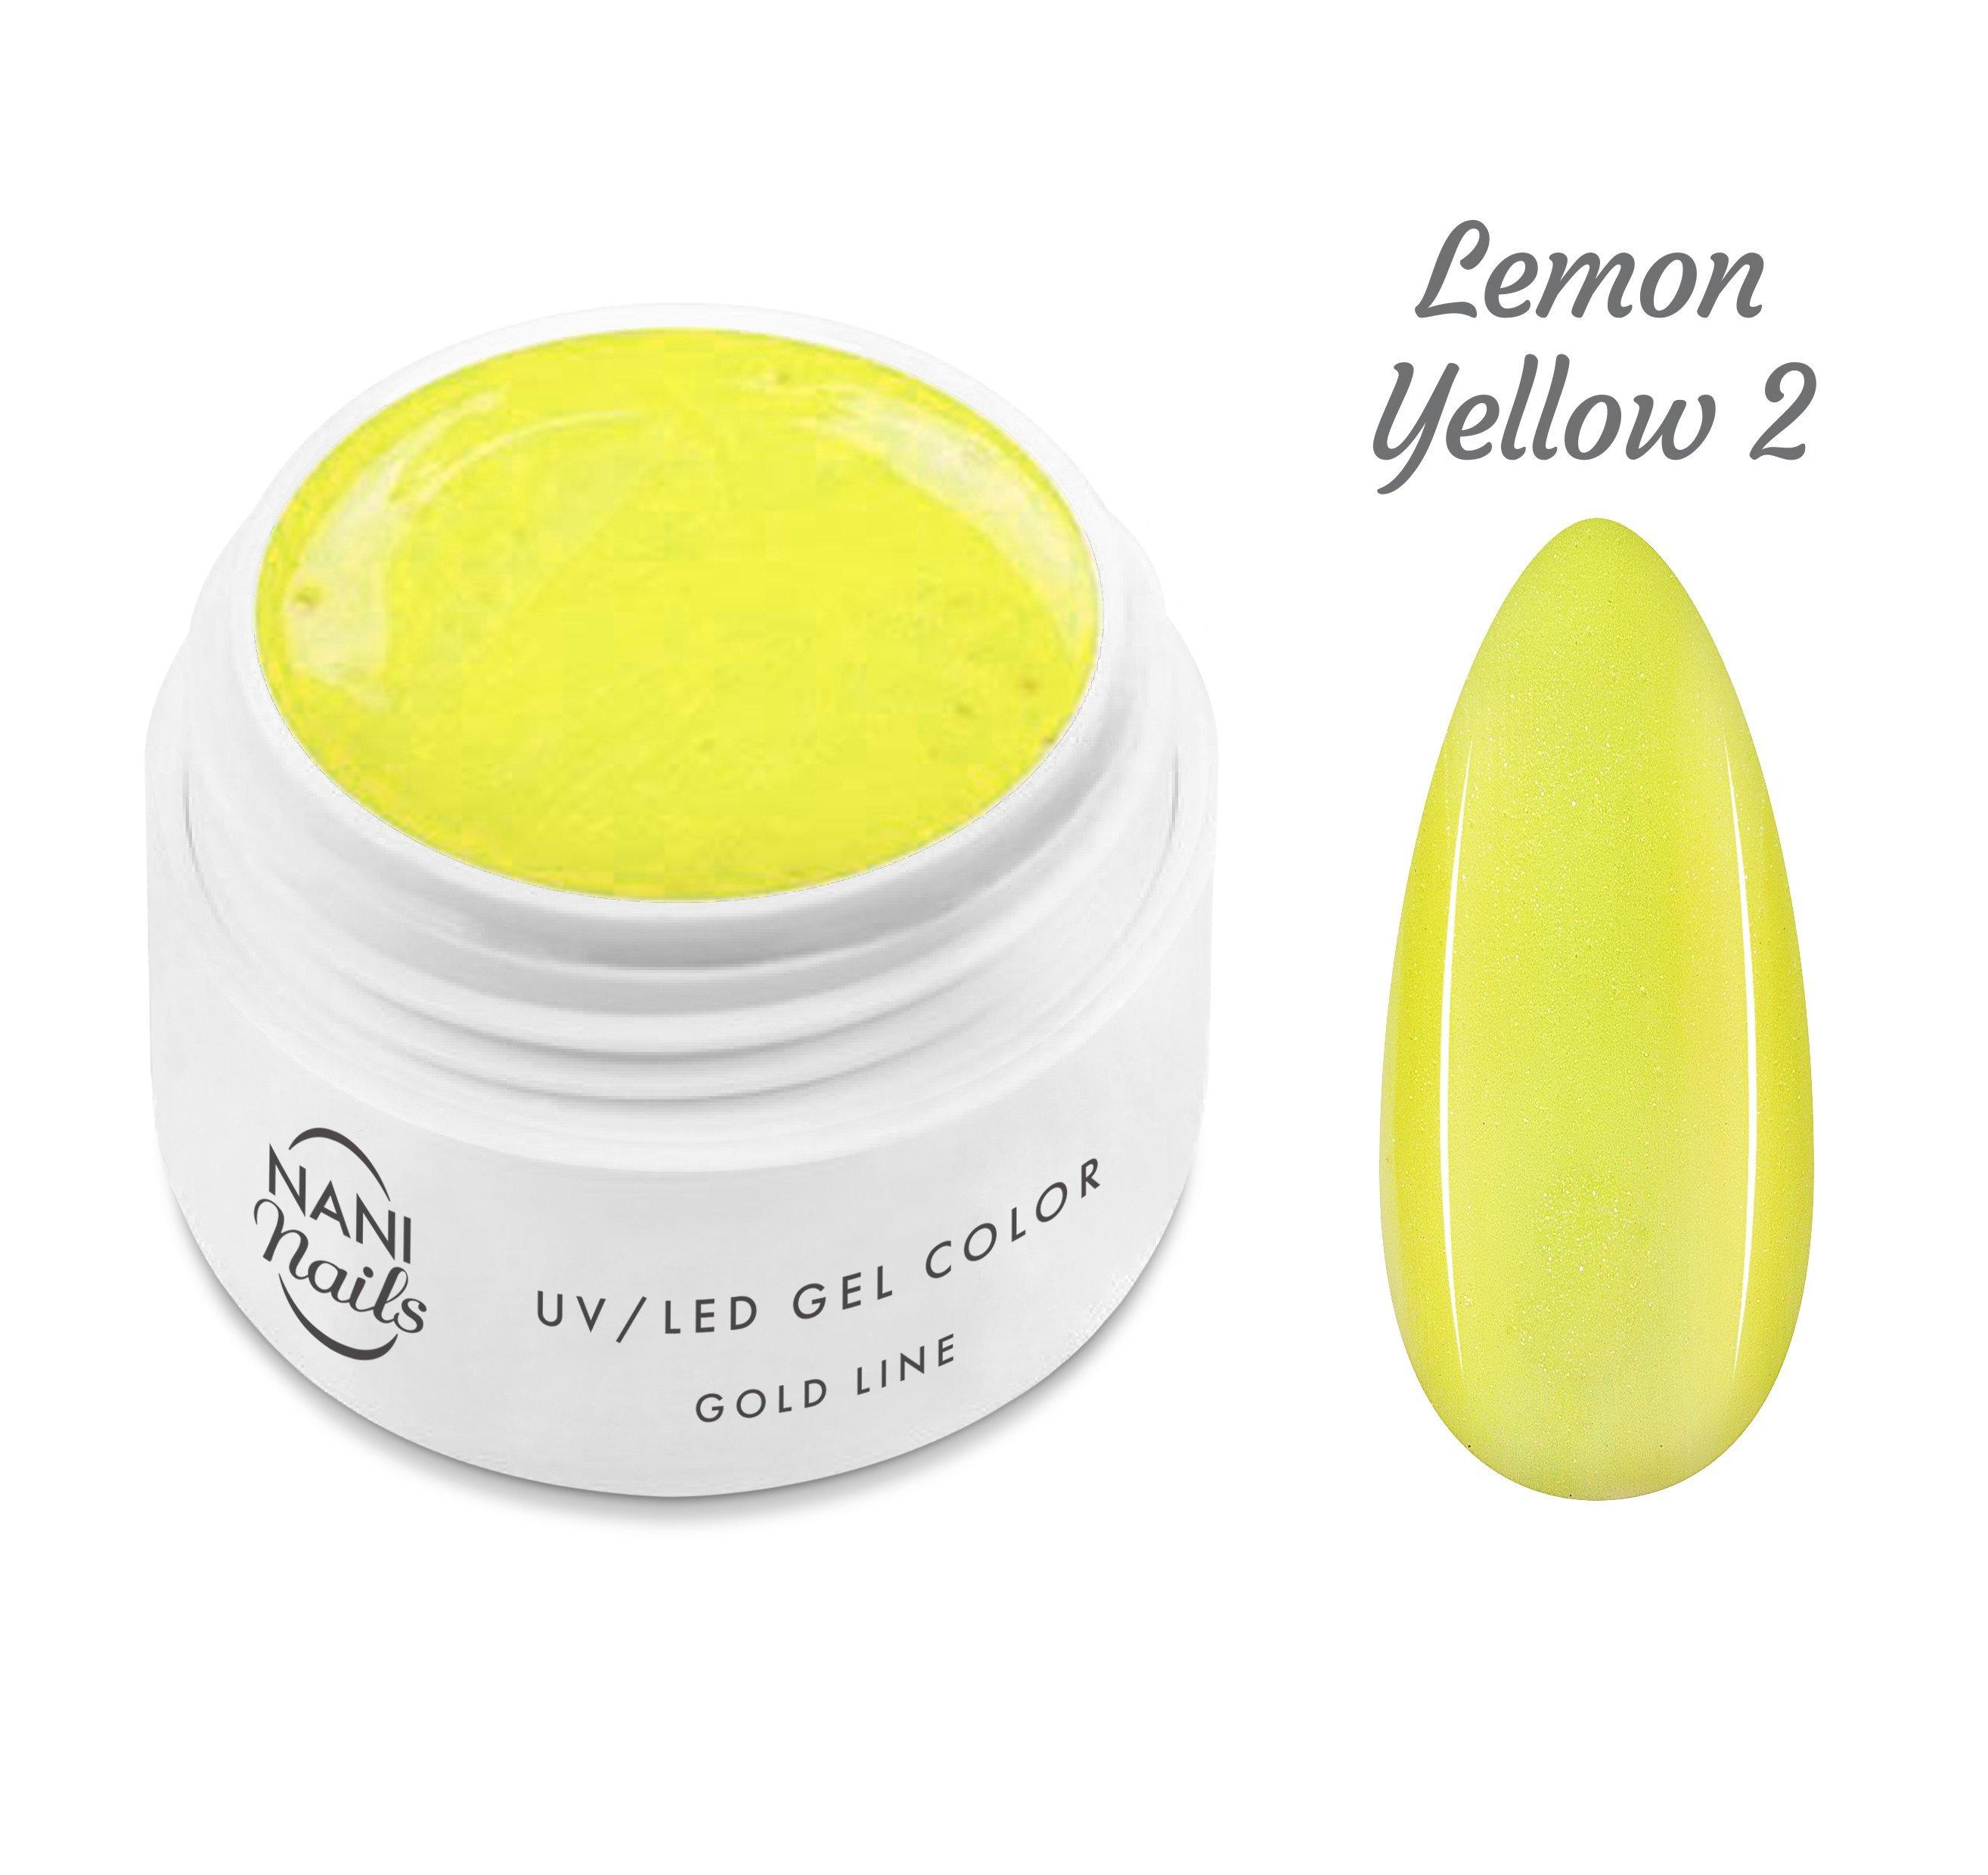 NANI UV gél Gold line 5 ml - Lemon Yellow